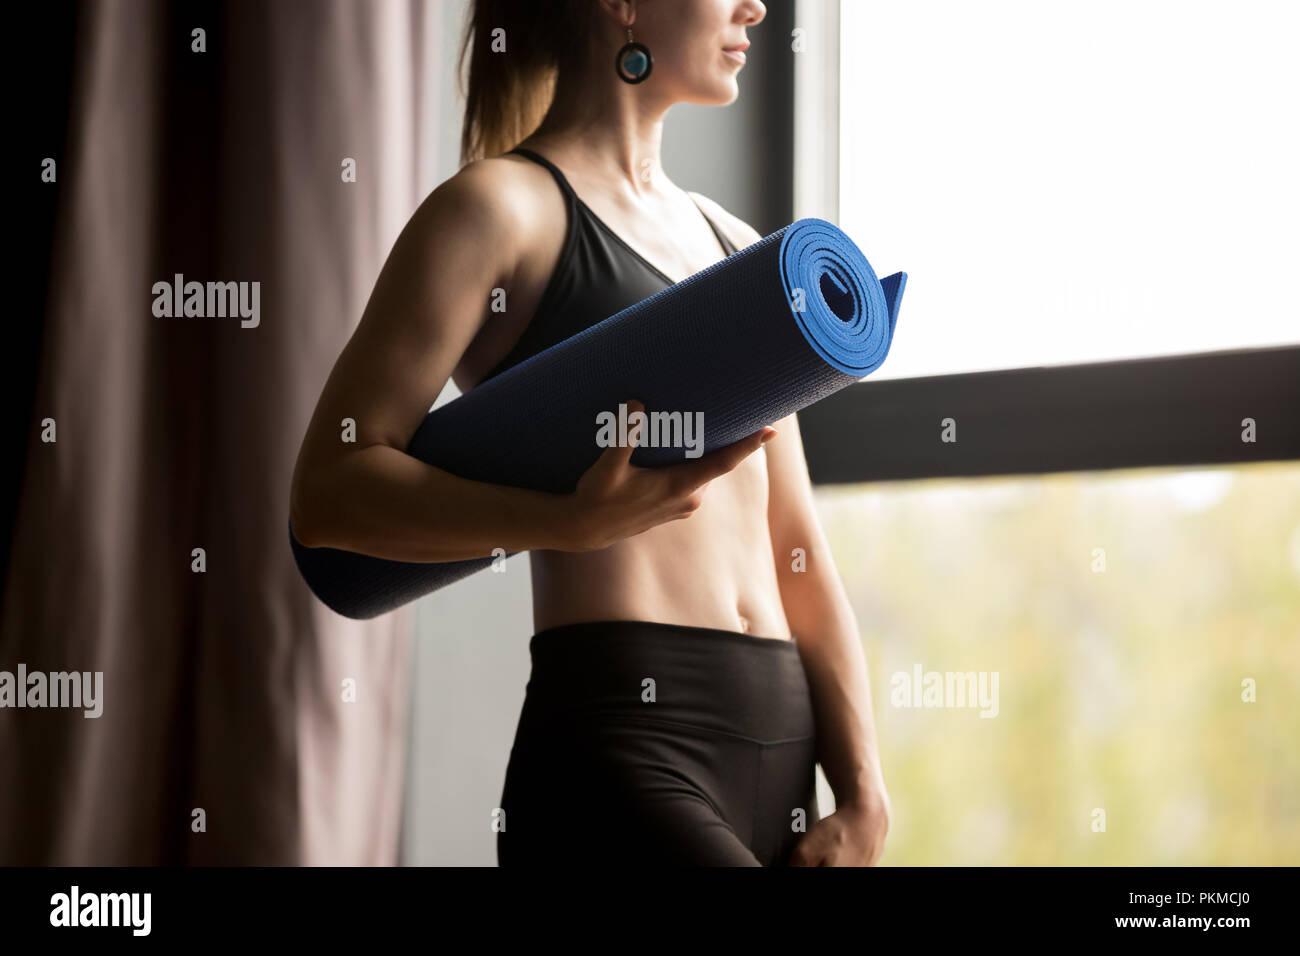 Sportlich schlanke Frau mit blauen Yoga Matte Stockbild